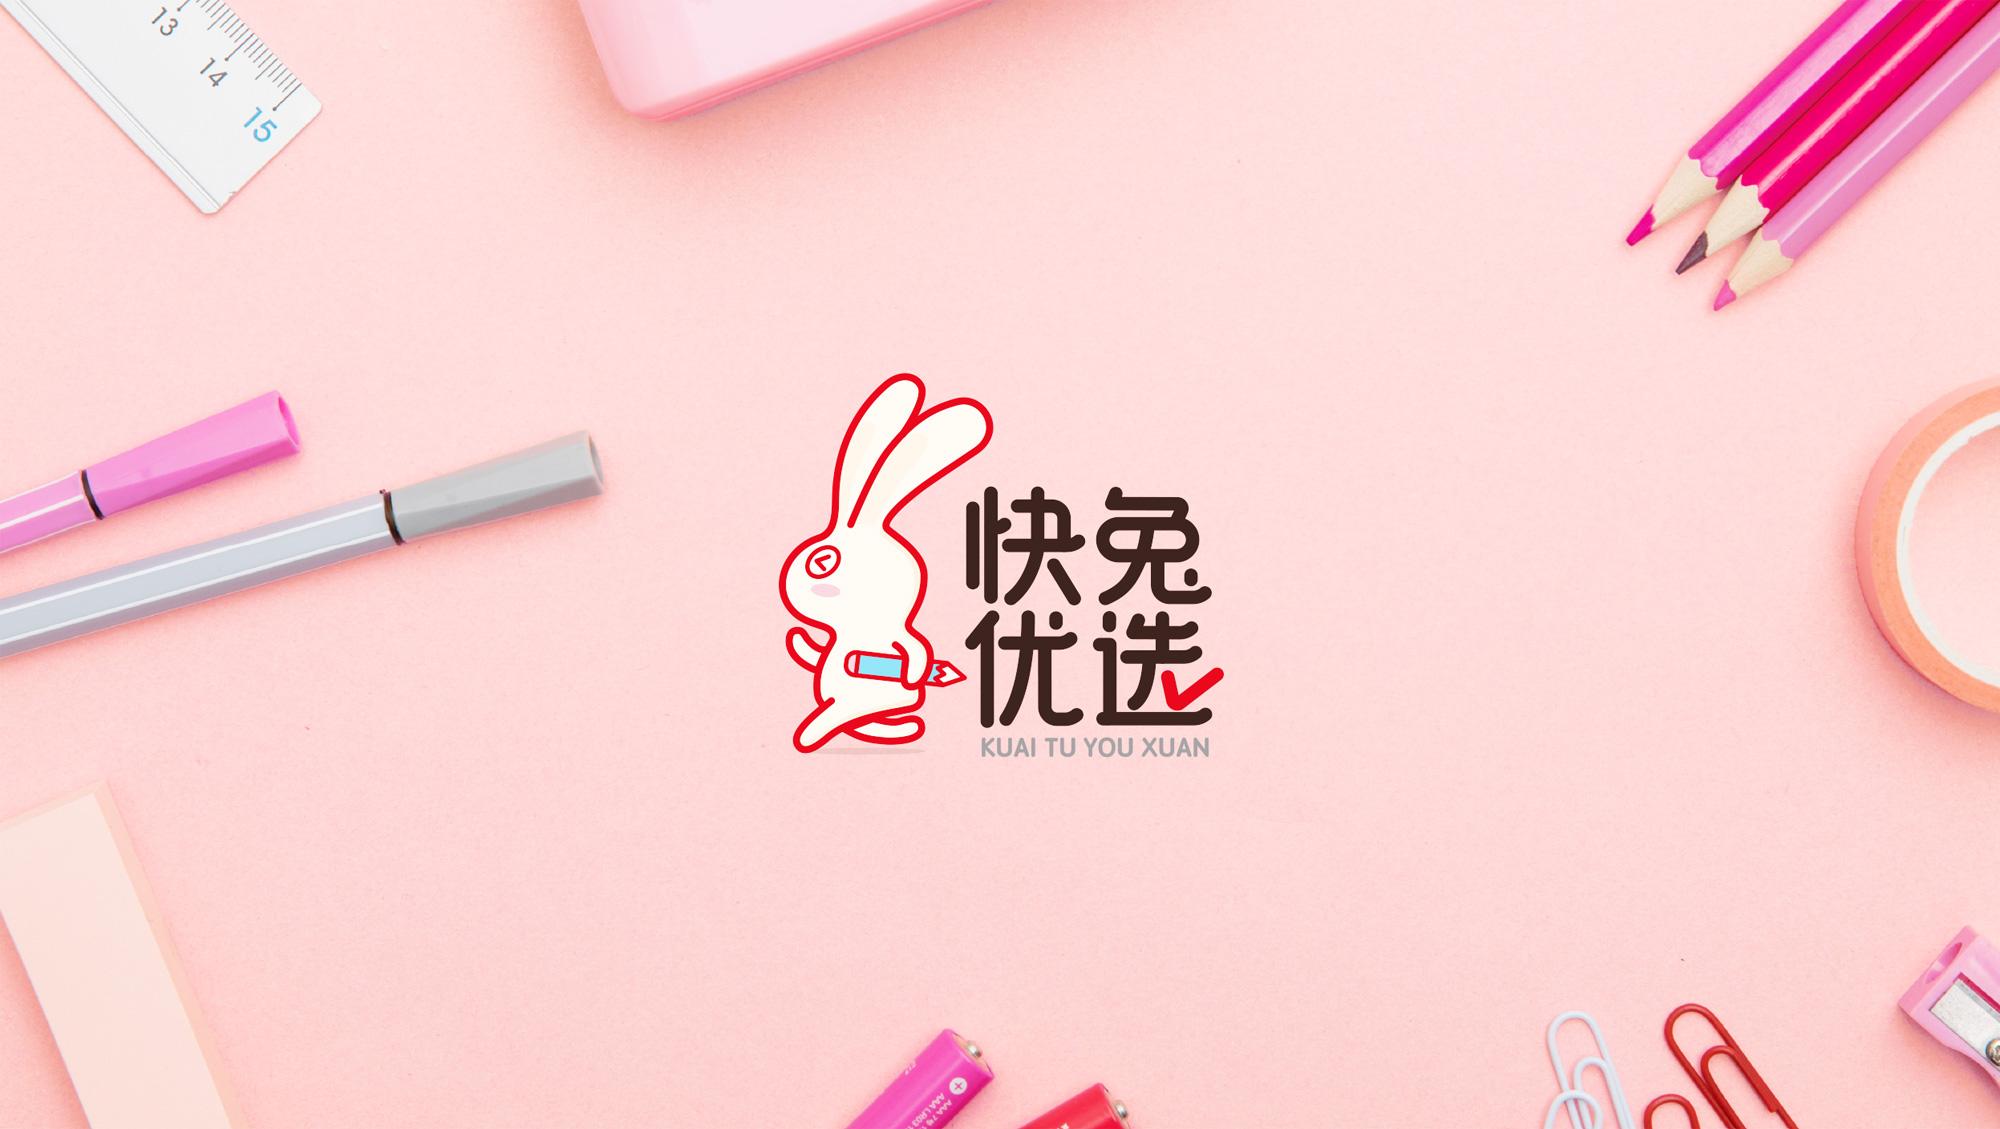 4(快兔优选)